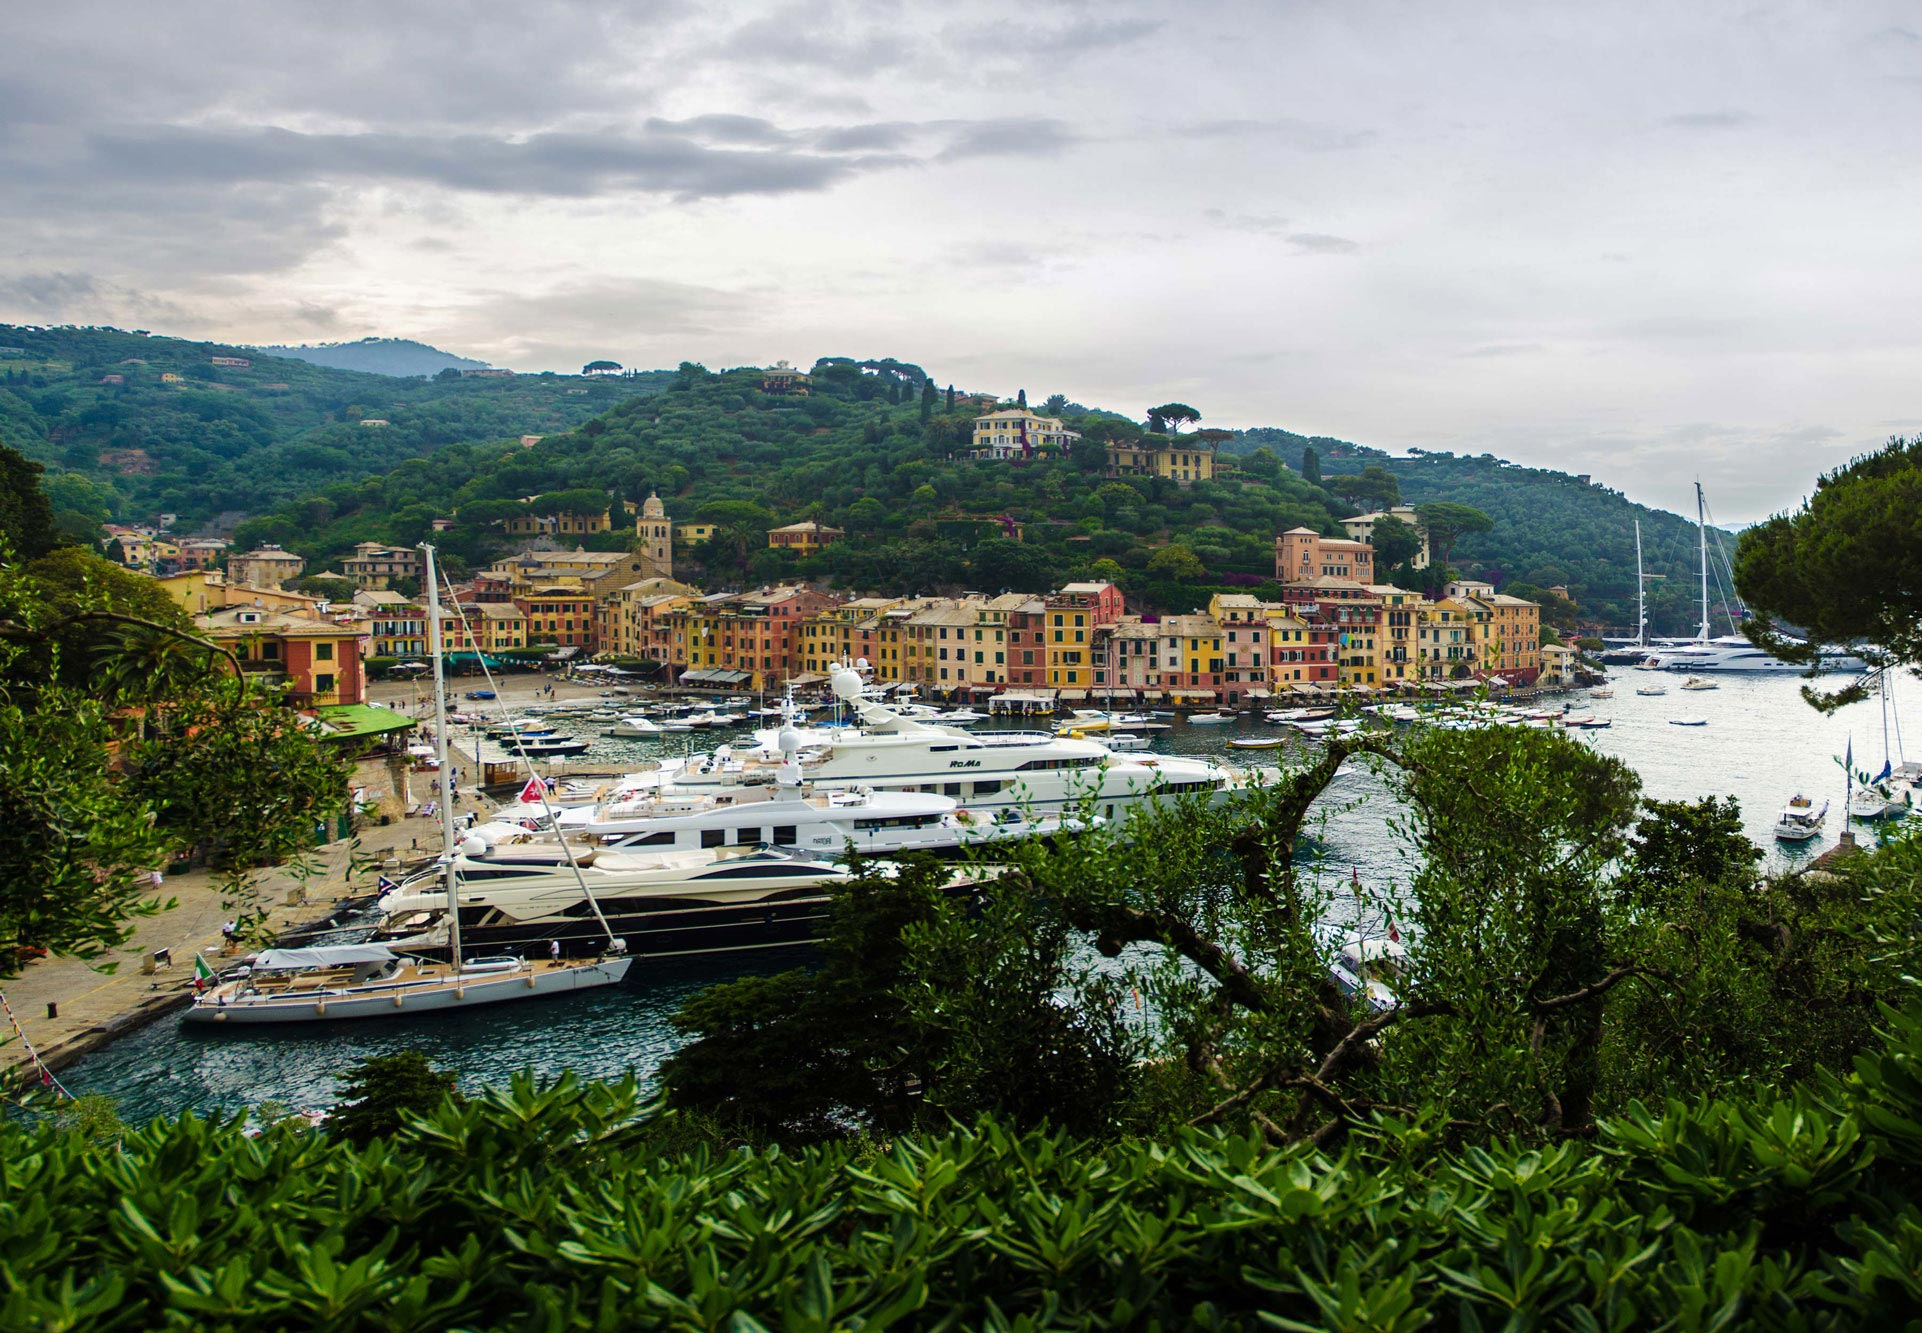 Paesaggi-Italia - Panorama Portofino - Portofino-Liguria-Italia - Portofino-Liguria-Italia